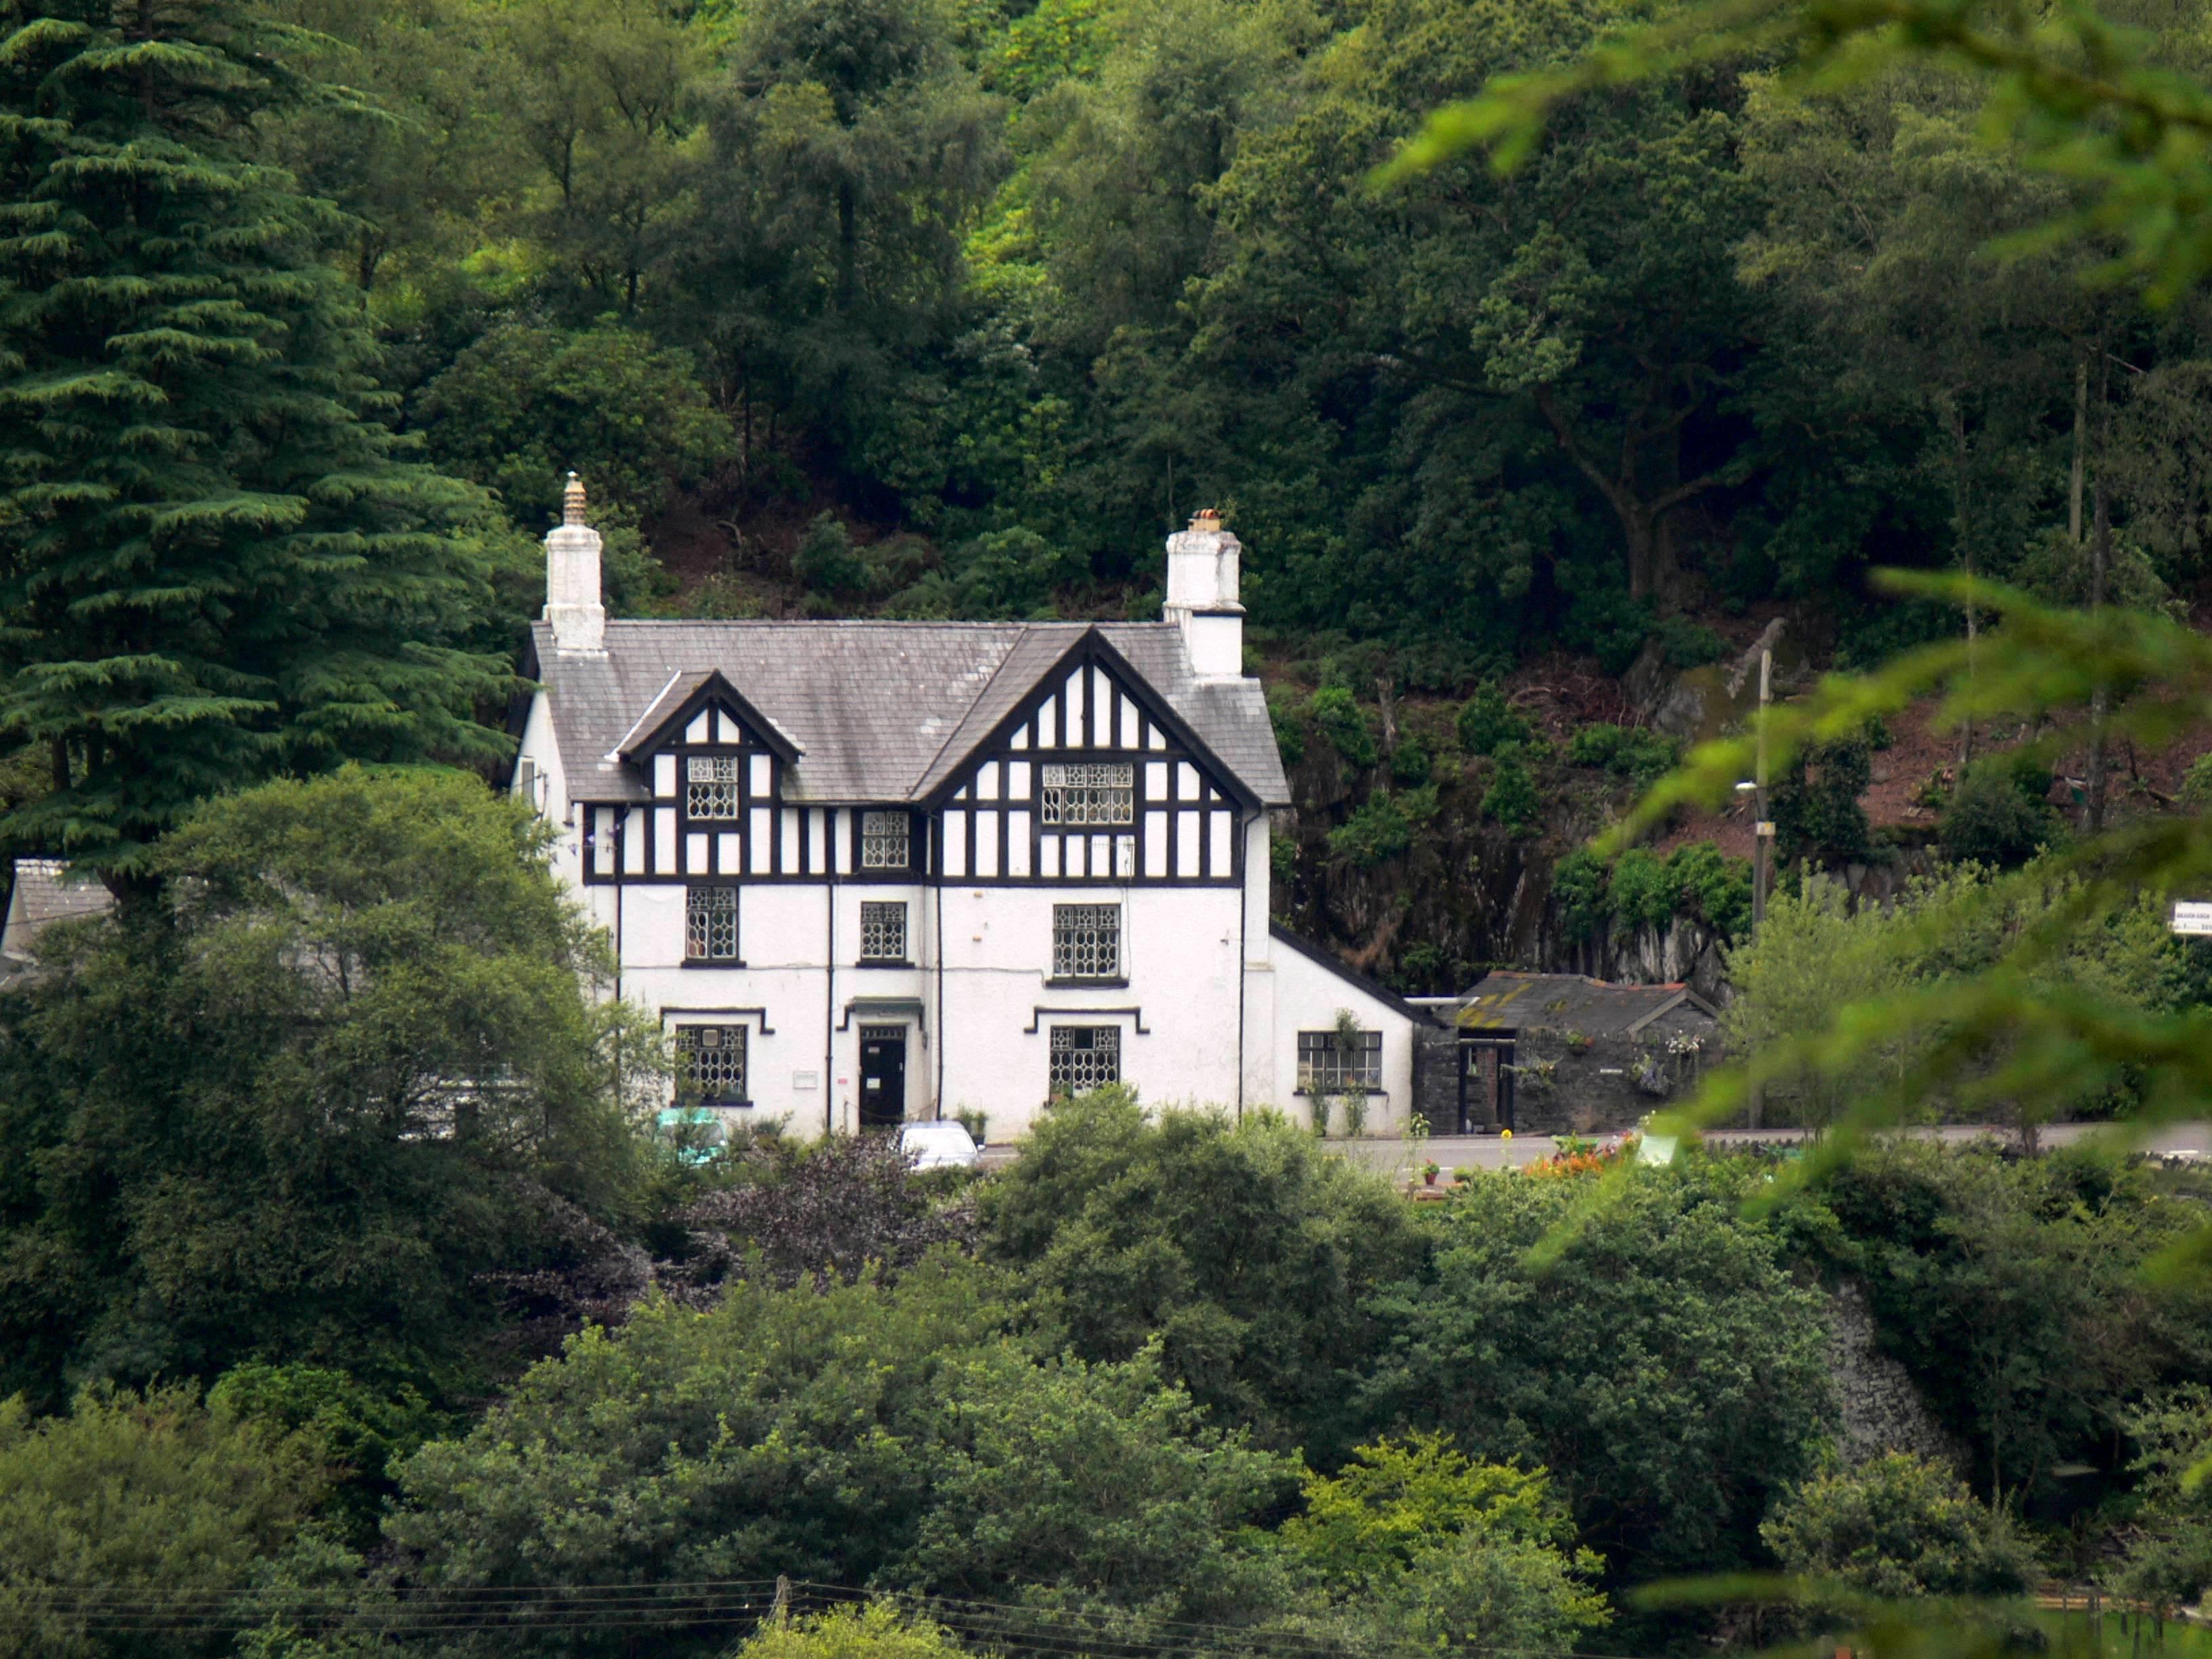 Braich Goch Bunkhouse and Inn